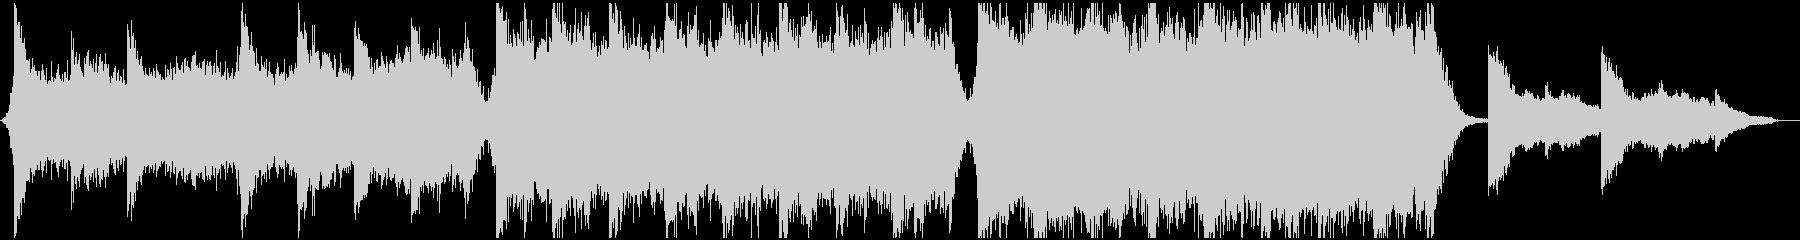 壮大なエピック系BGMの未再生の波形